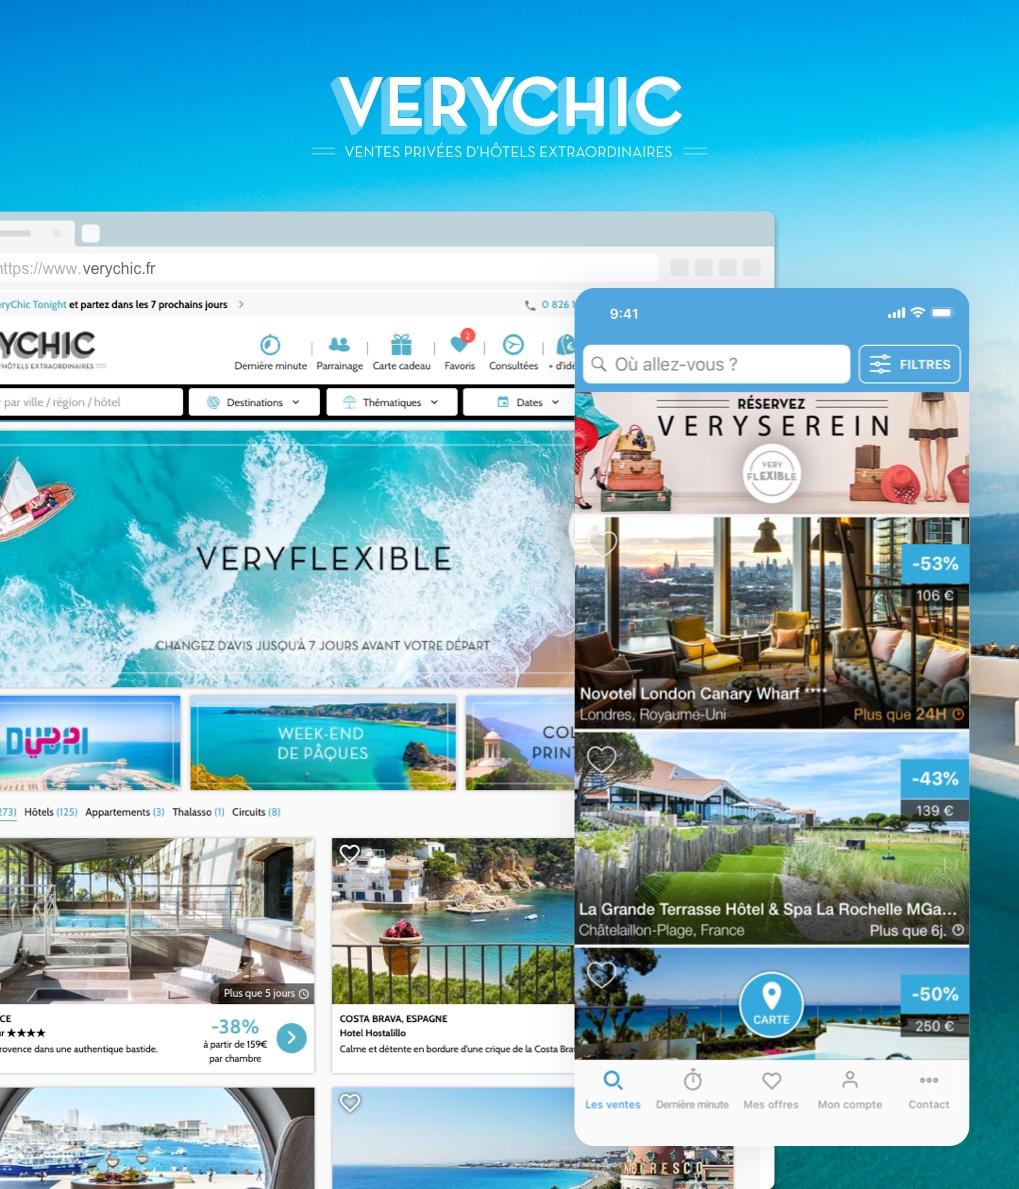 Application Verychic réalisée par I SEE U